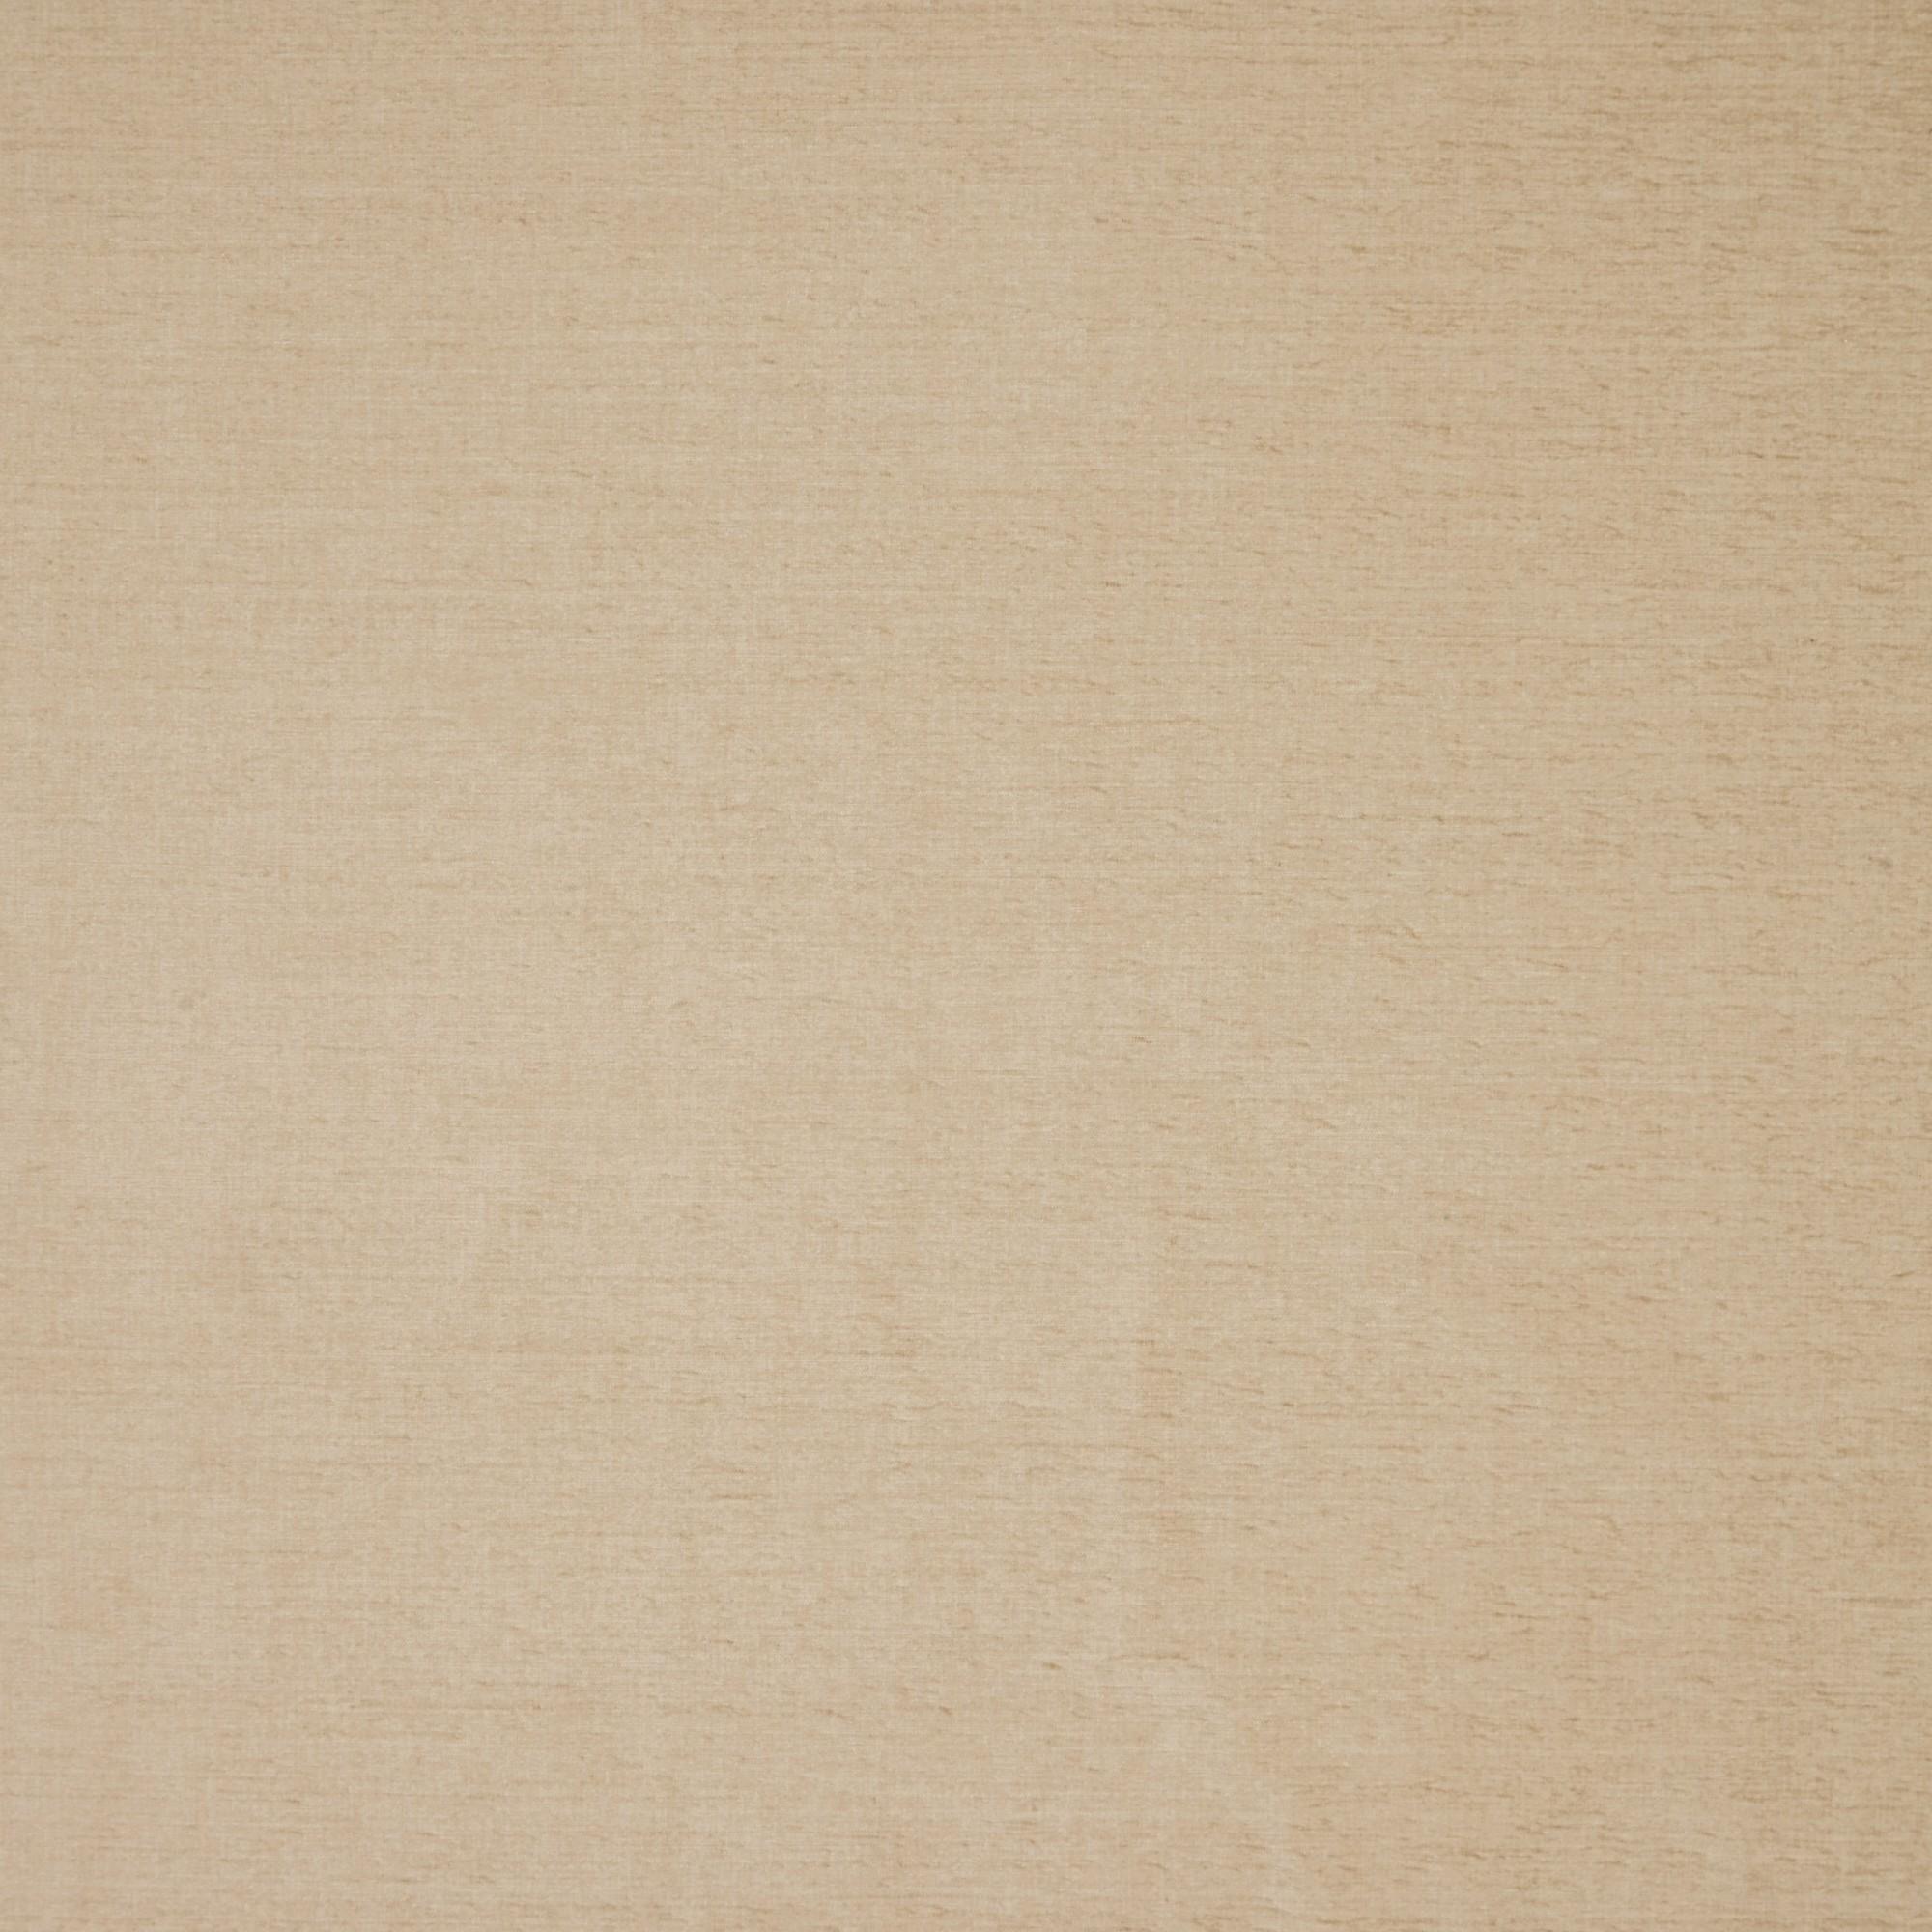 Aquaclean Blake Fabric